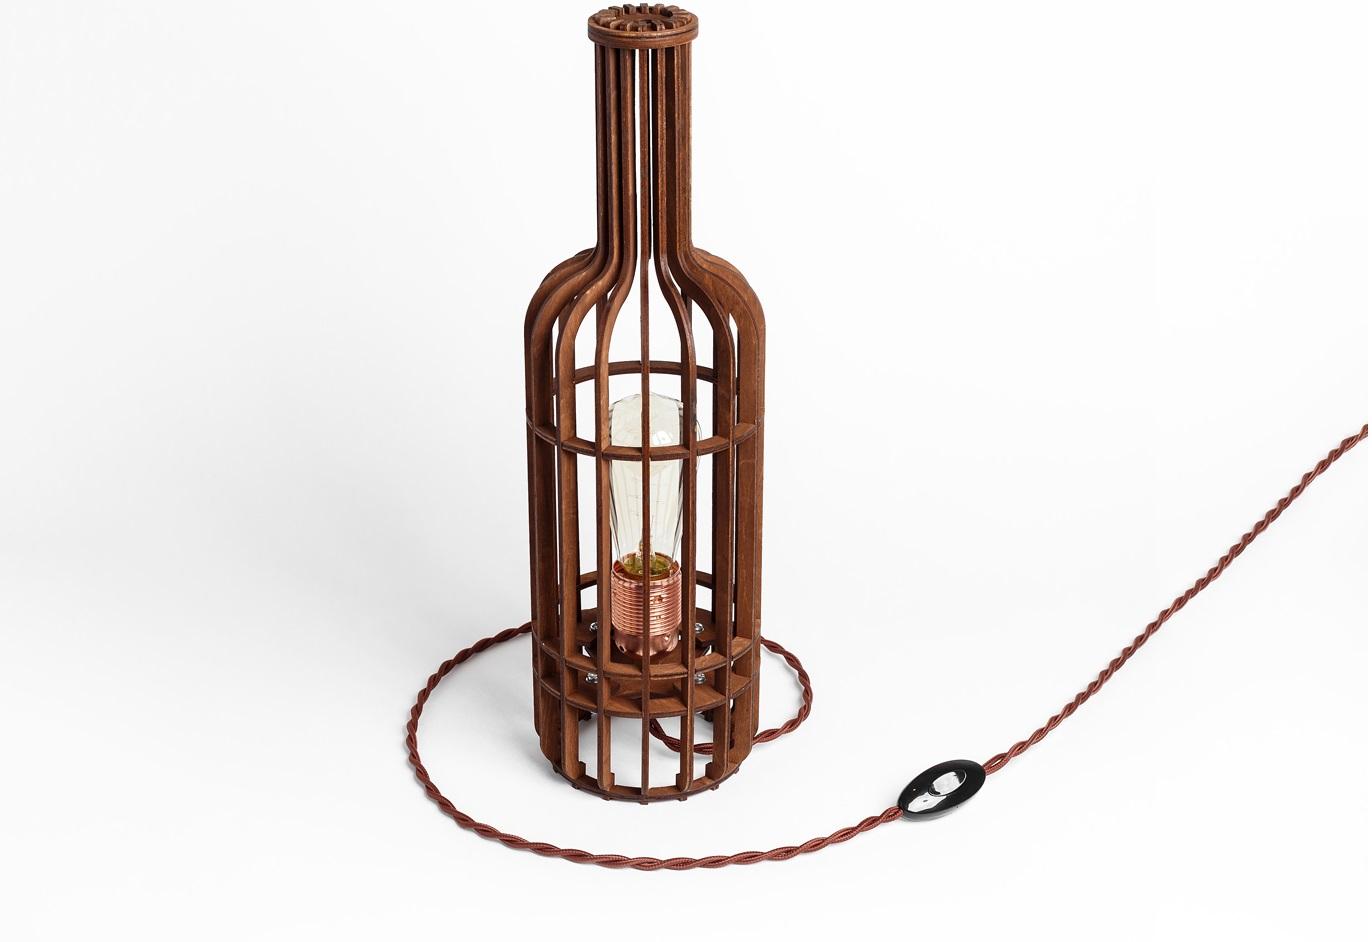 Деревянный светильник Бутылка ВинаДекоративные лампы<br>&amp;lt;div&amp;gt;&amp;lt;div&amp;gt;Вид цоколя: E27&amp;lt;/div&amp;gt;&amp;lt;div&amp;gt;Мощность: 60W&amp;lt;/div&amp;gt;&amp;lt;div&amp;gt;Количество ламп: 1 (нет в комплекте)&amp;lt;/div&amp;gt;&amp;lt;/div&amp;gt;<br><br>Material: Дерево<br>Length см: None<br>Width см: None<br>Height см: 44<br>Diameter см: 13